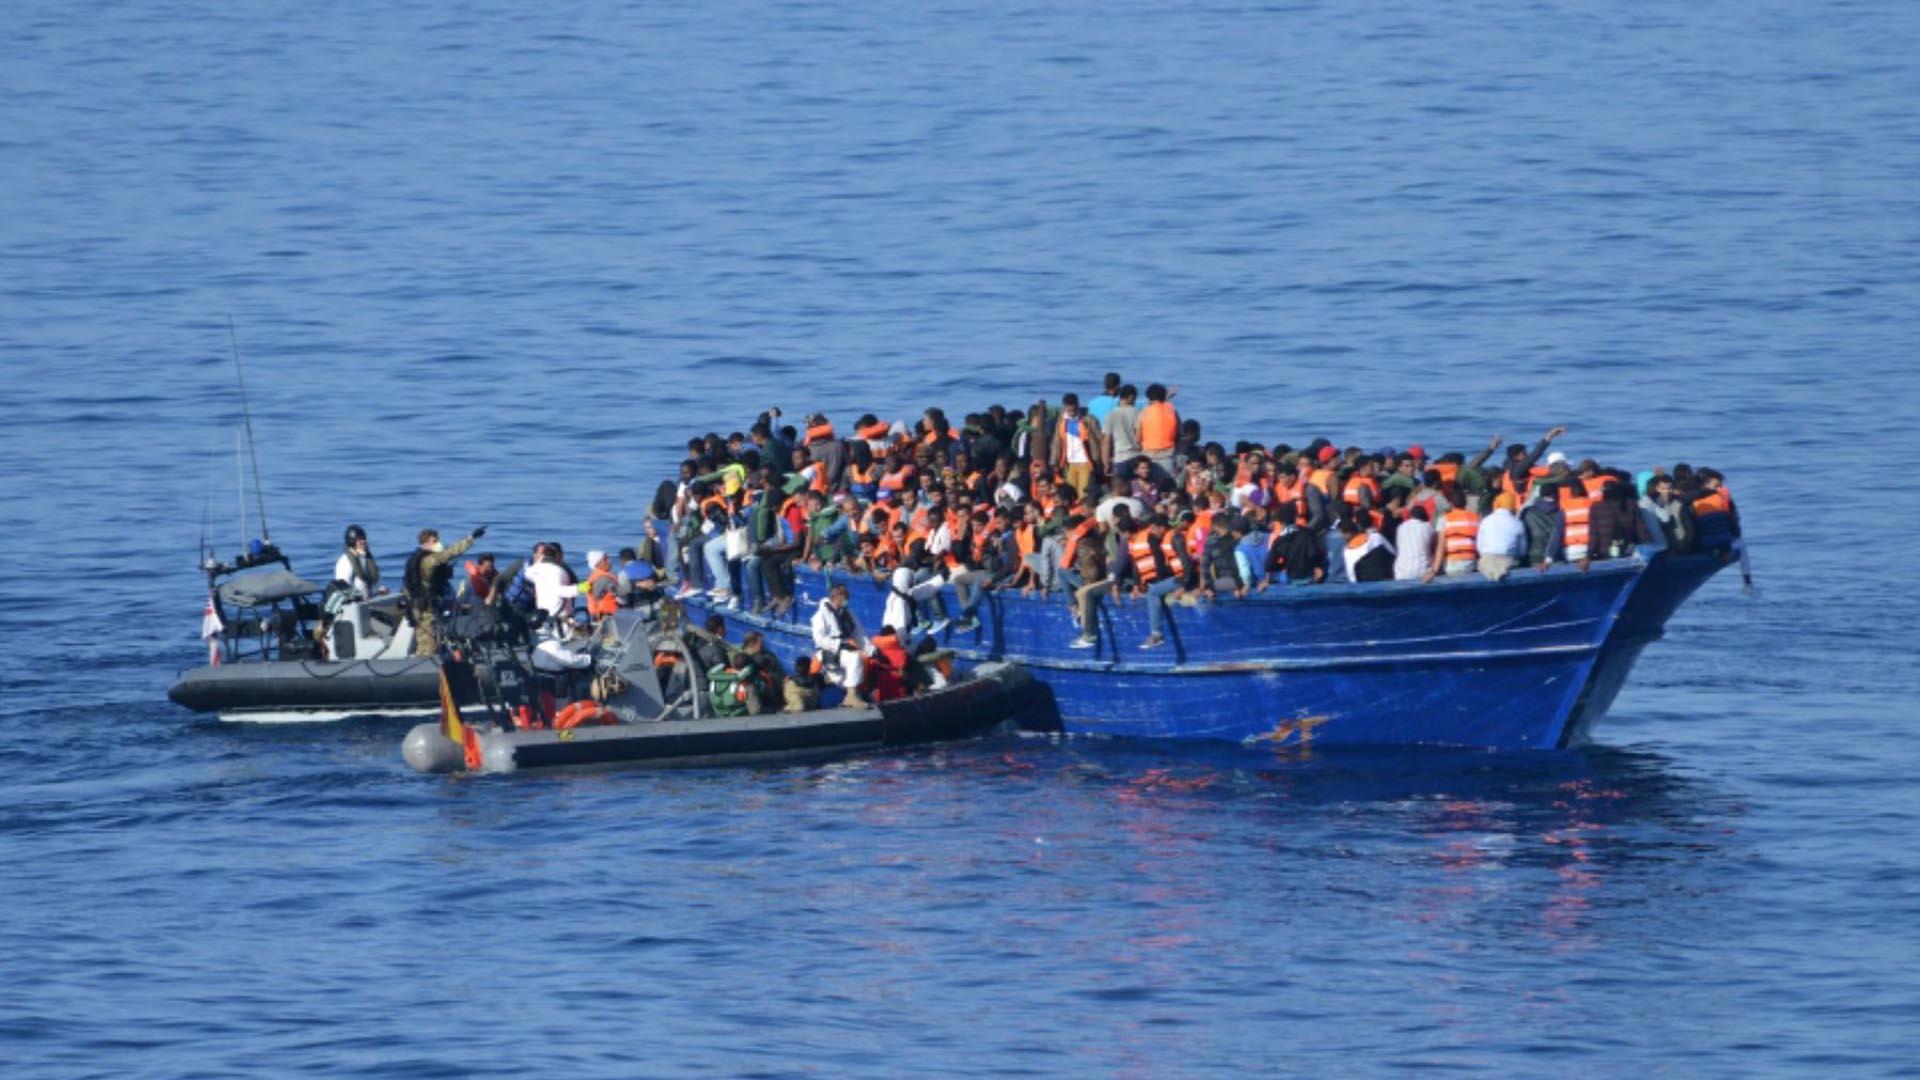 Se prevé que para los próximos meses que incremente el número de migraciones desde Libia hasta Italia